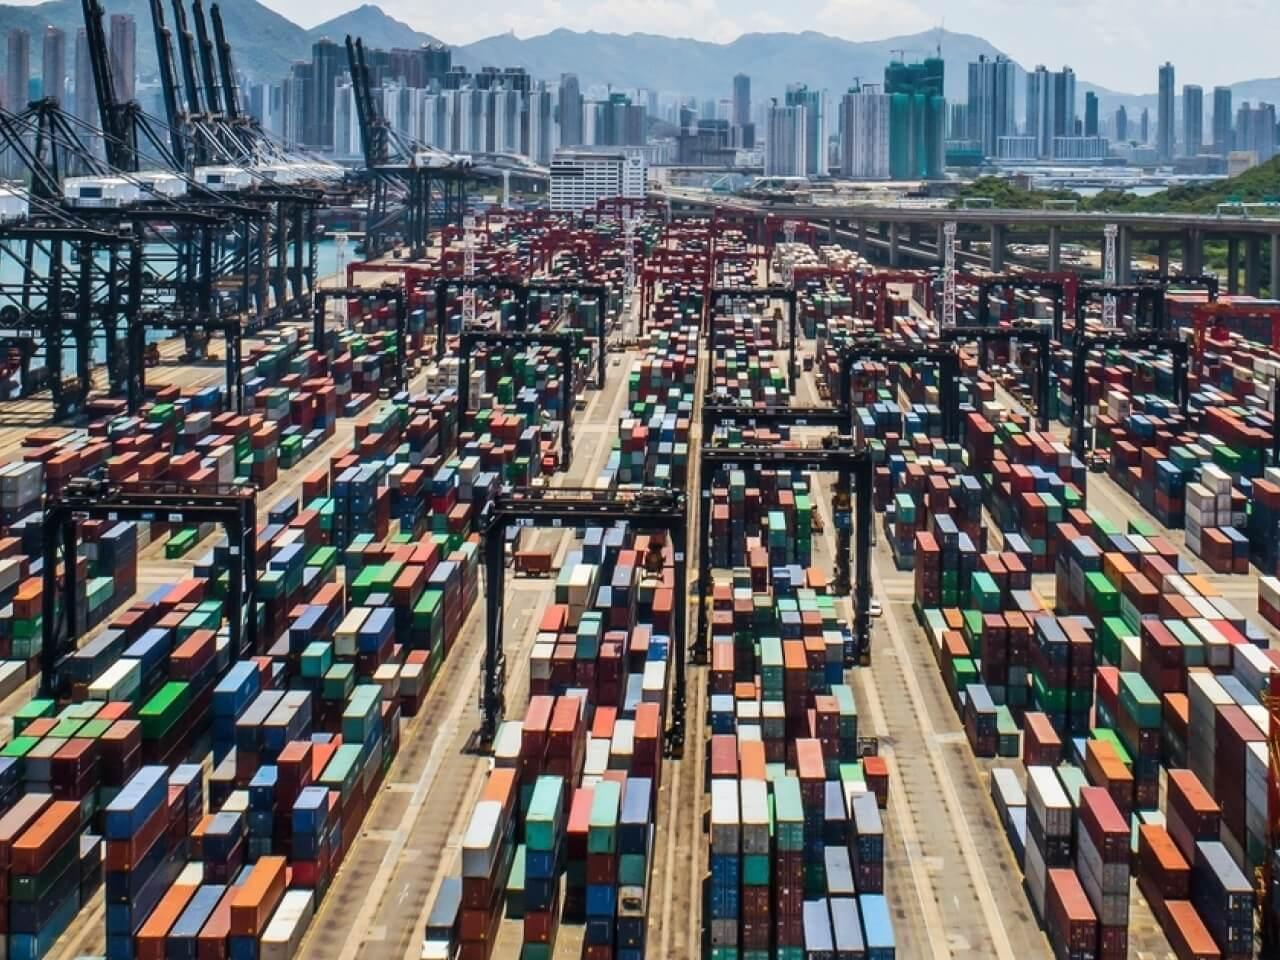 Çin ABD'nin Etiketlemeye İlişkin Menşe Düzenlemesini DTÖ'ye Taşıdı